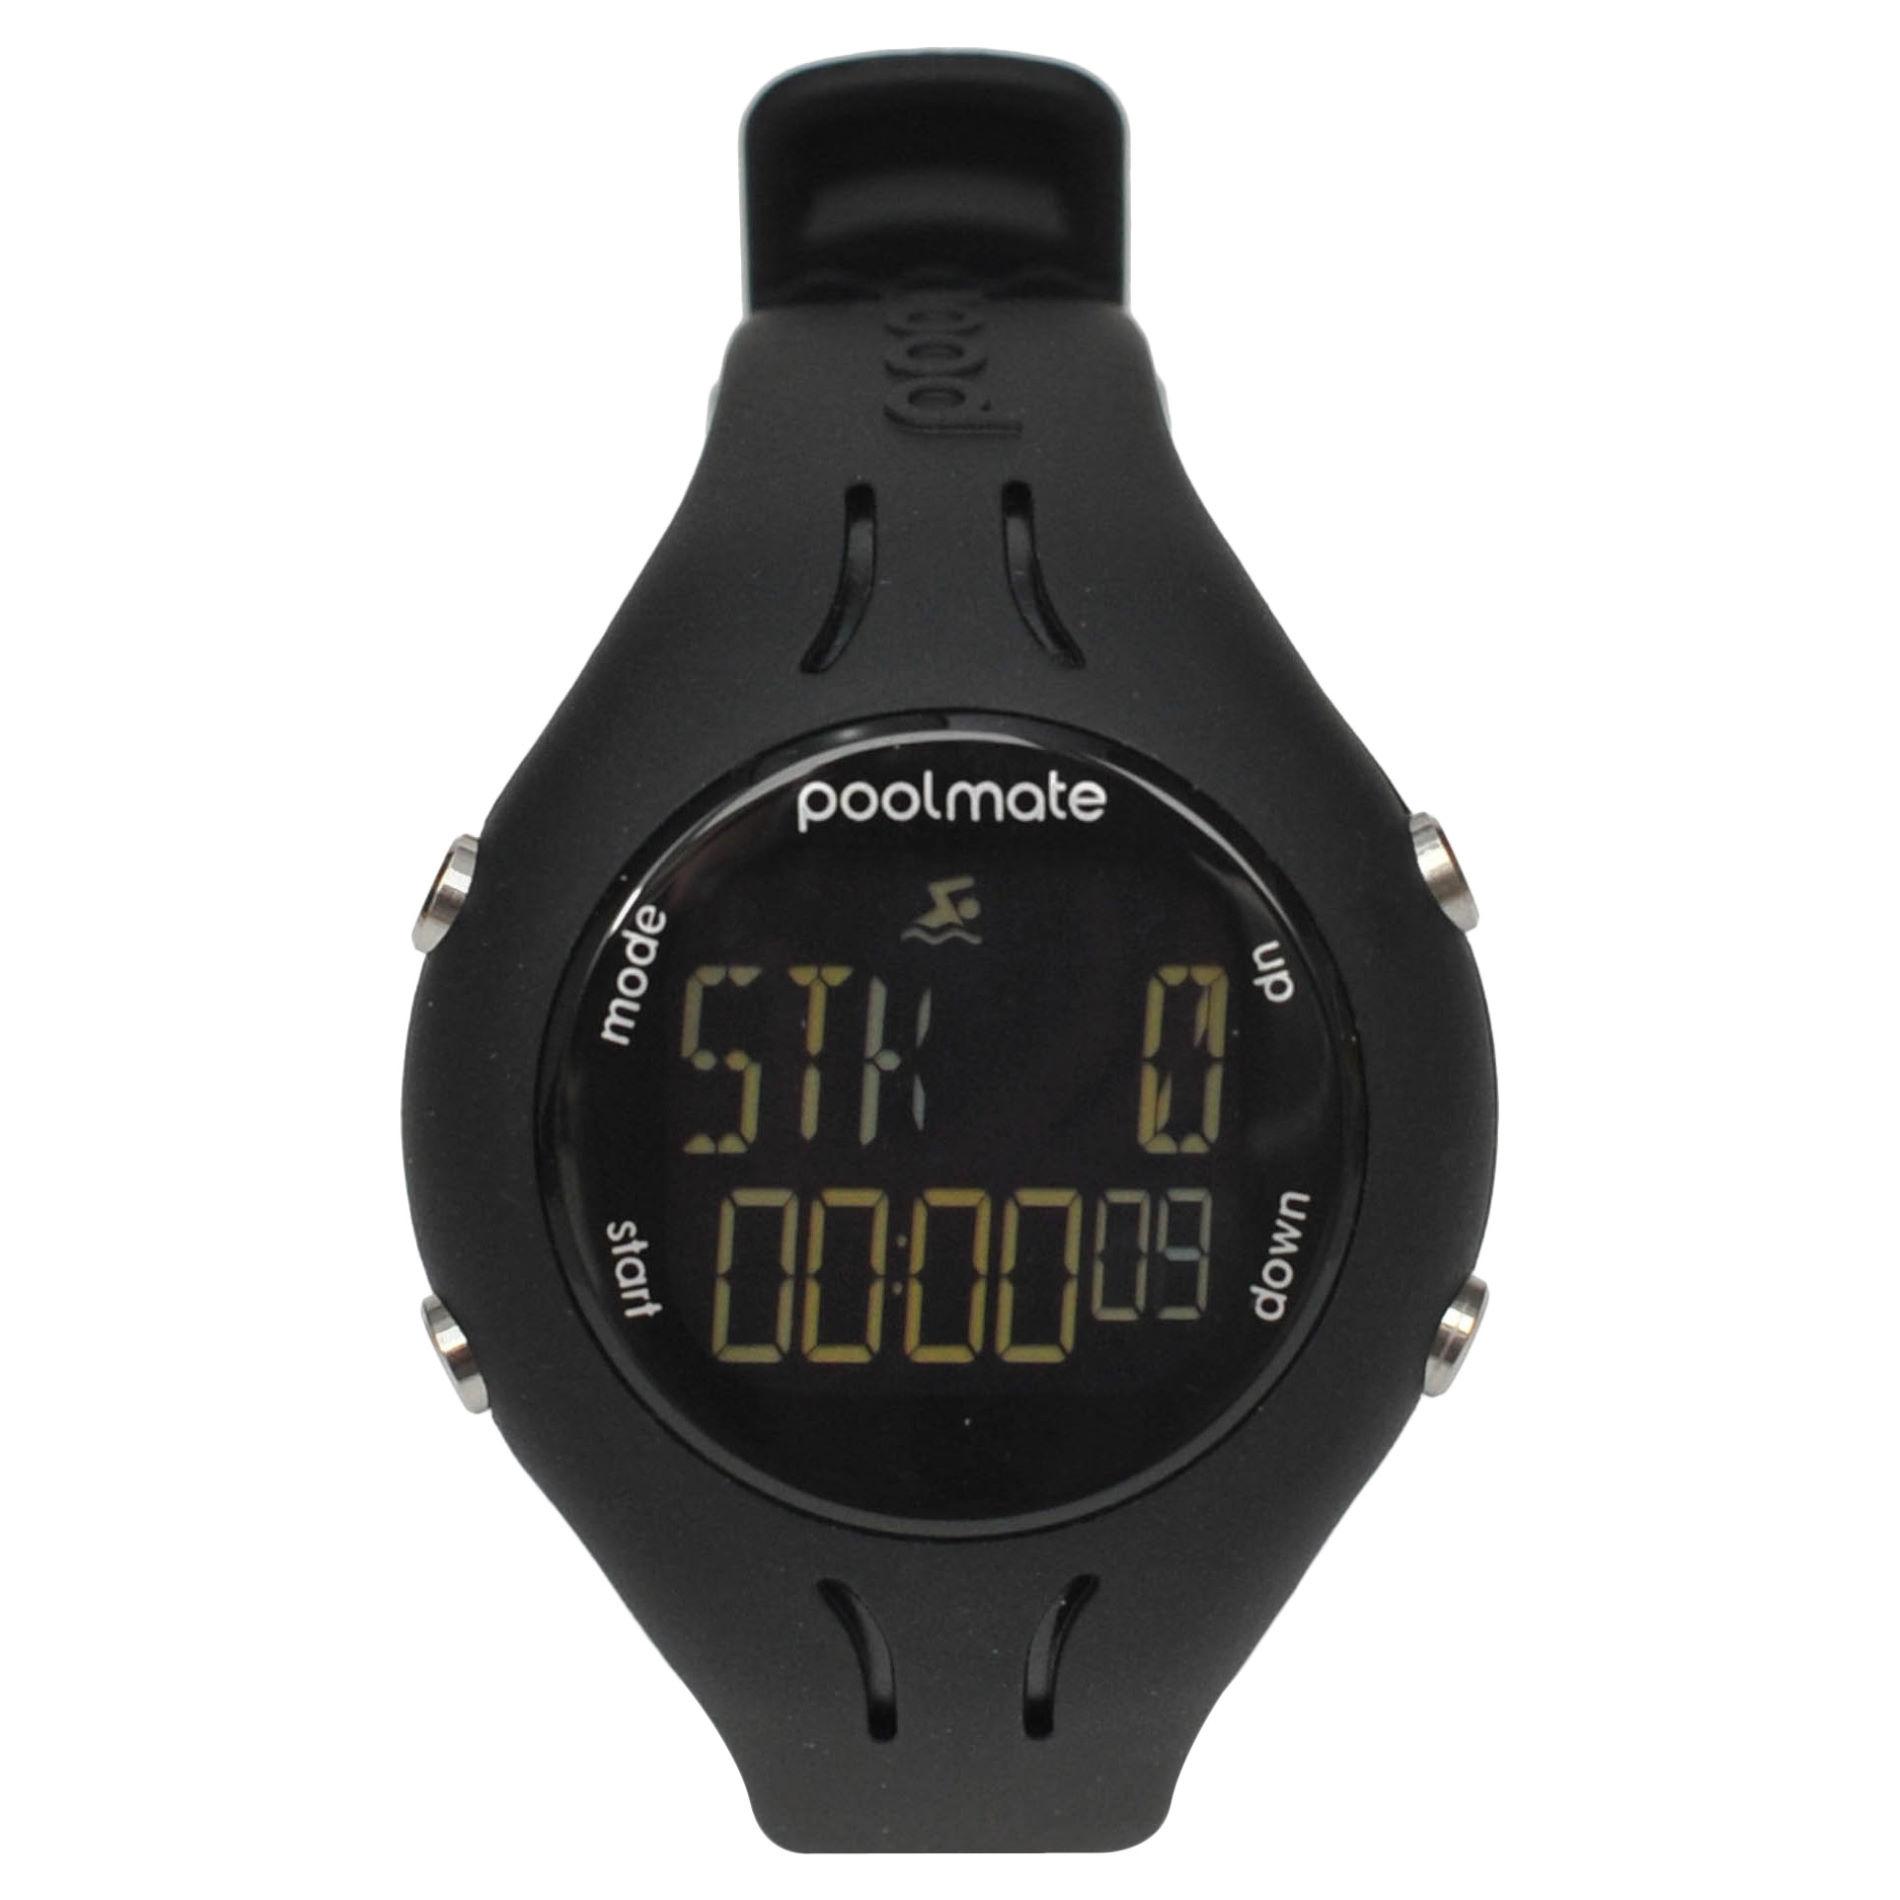 Đồng hồ bơi ngoài trời Poolovate PoolMate2 gấp lại đồng hồ đo vòng rung - Giao tiếp / Điều hướng / Đồng hồ ngoài trời